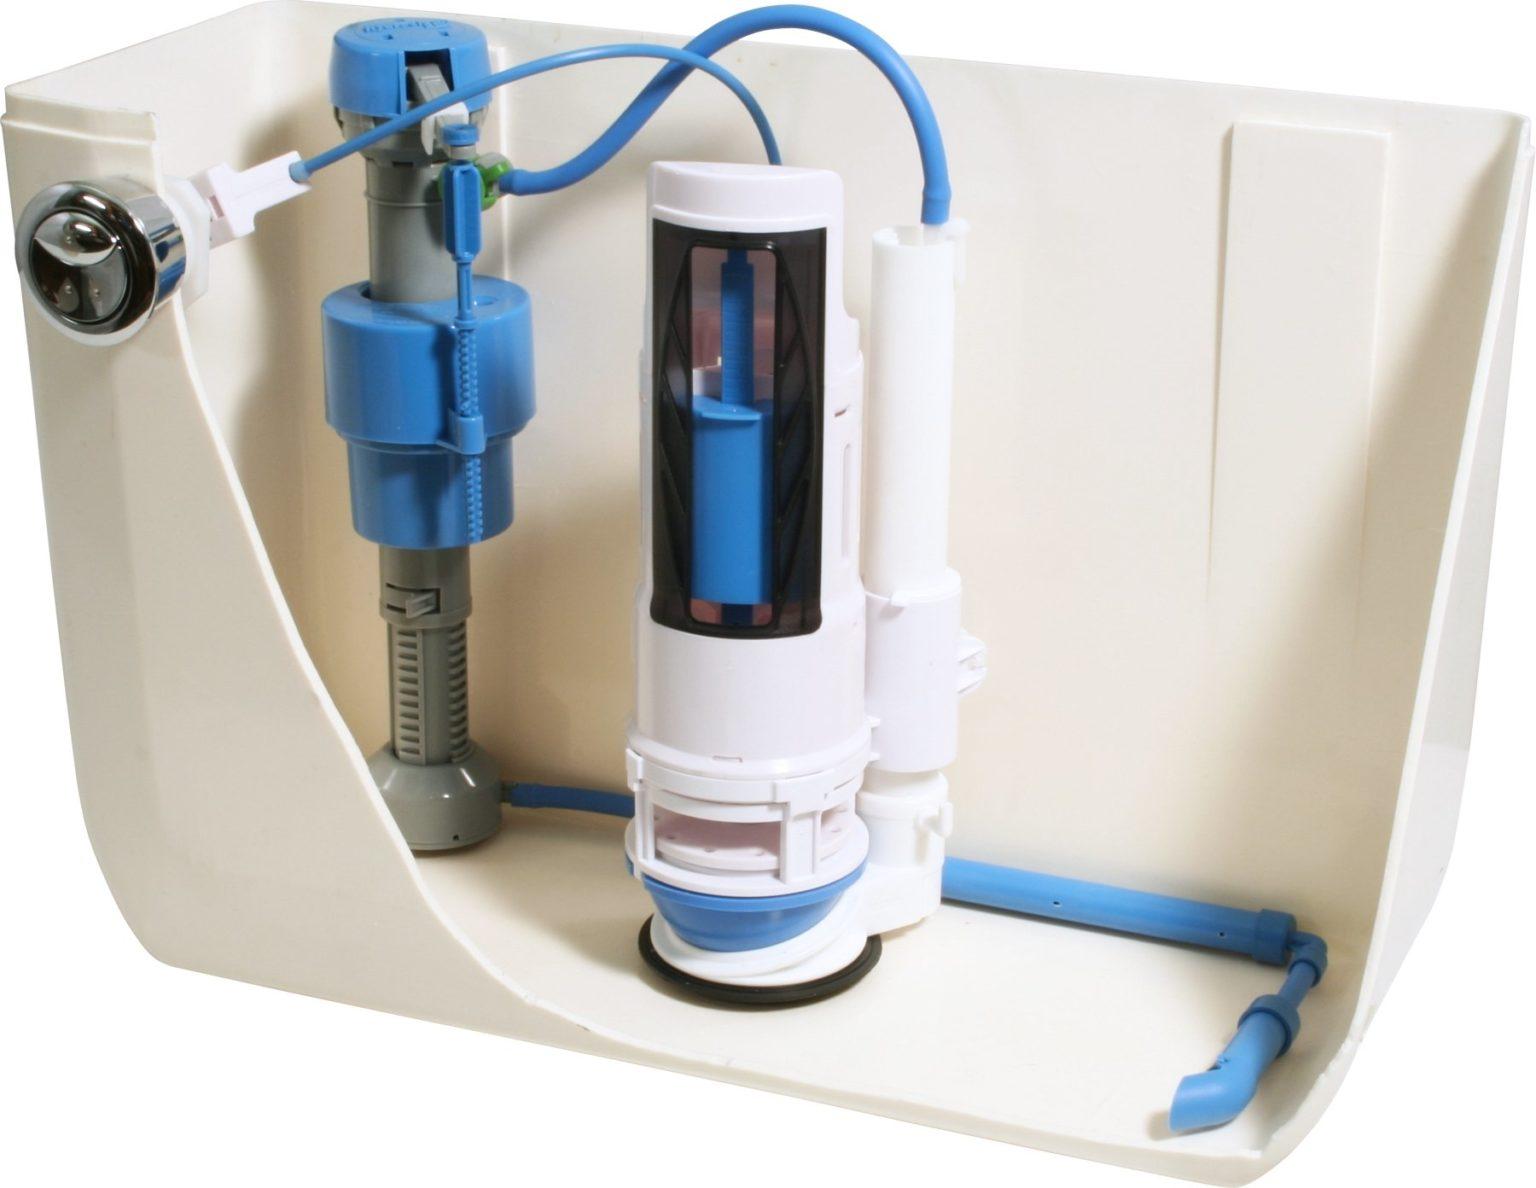 Впускной клапан для унитаза с нижним и боковым подводом (заливной) - виды, неисправности и замена